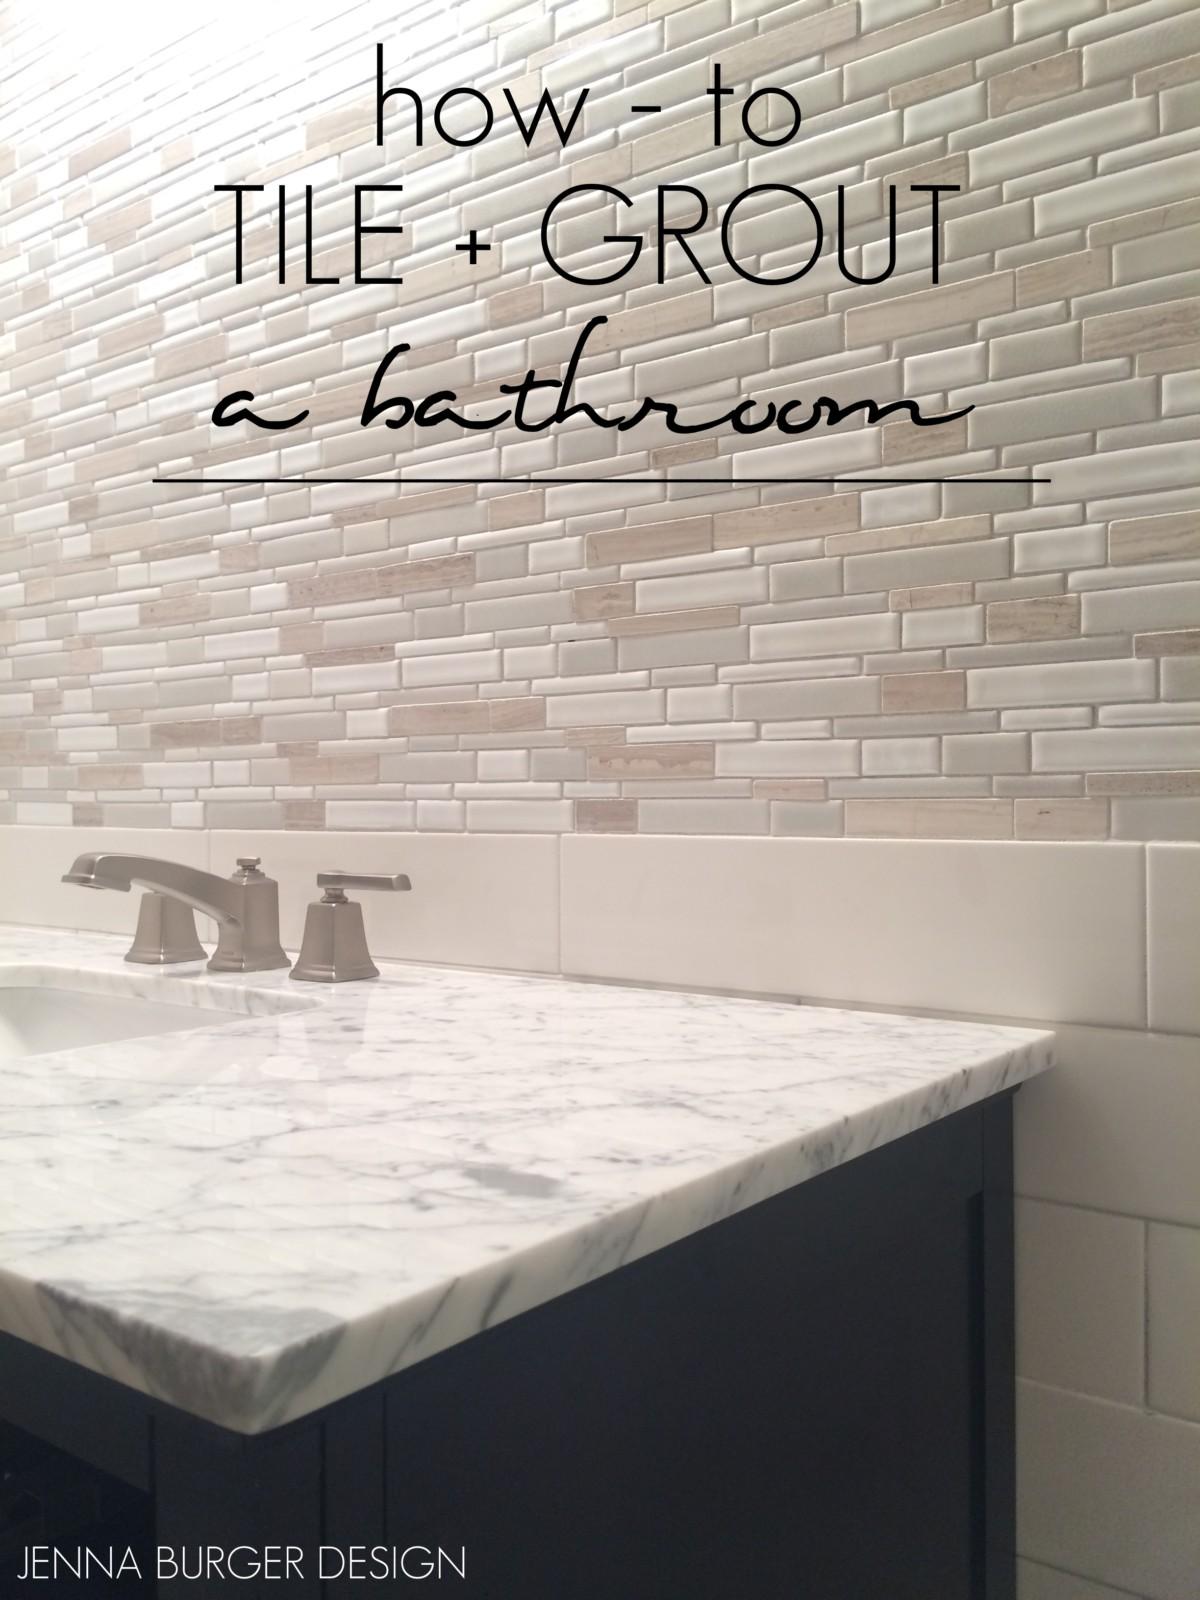 Master Bathroom Renovation: Tile + Grout